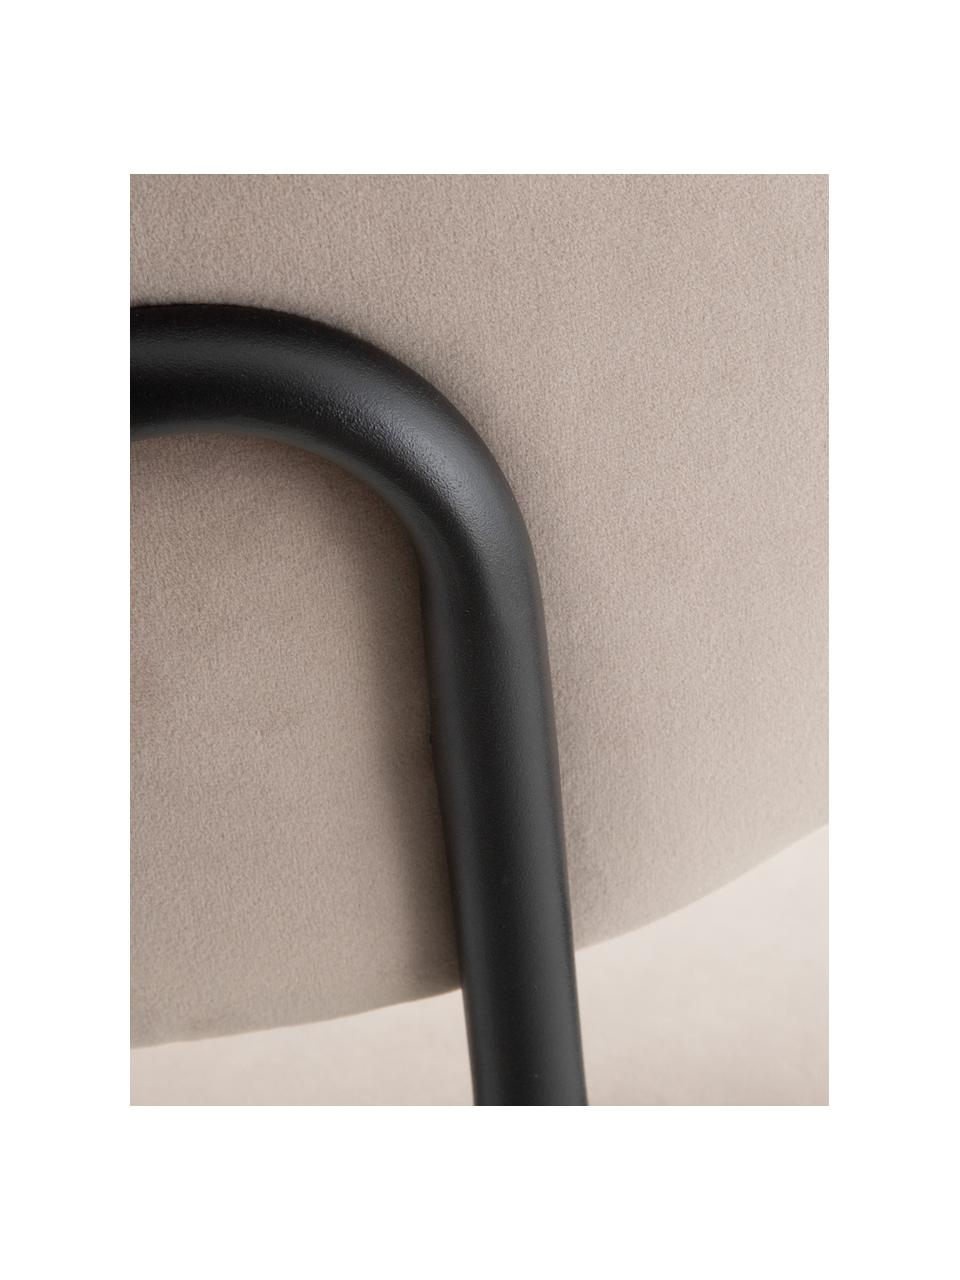 Krzesło tapicerowane z aksamitu Elyse, Tapicerka: 100% aksamit poliestrowy,, Nogi: metal, Szary, czarny, S 49 x G 46 cm